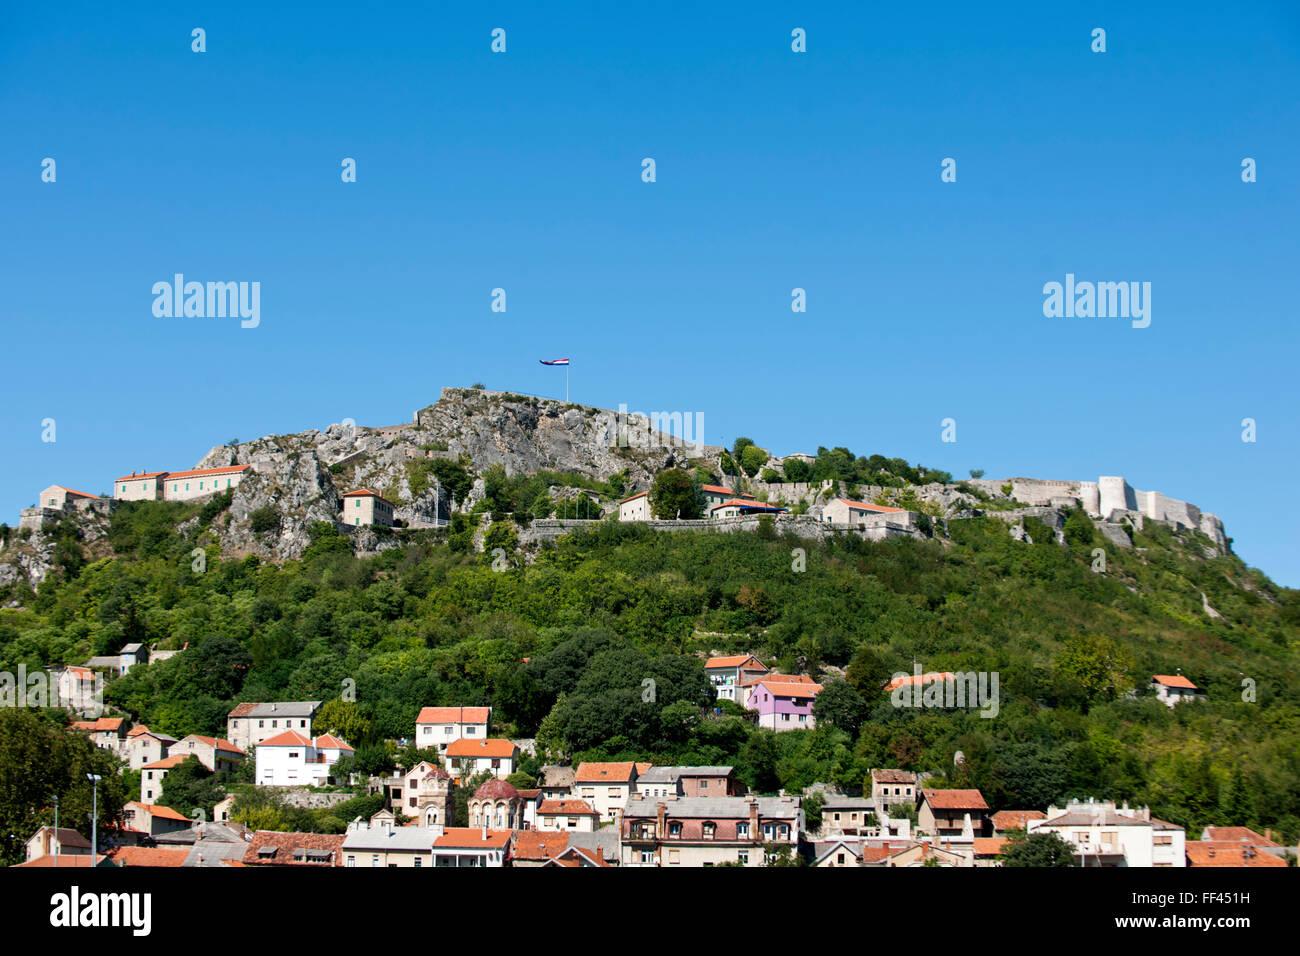 Fernsehreihe, Dalmatien, Blick Auf Den Burgberg Thermen von Knin Stockbild